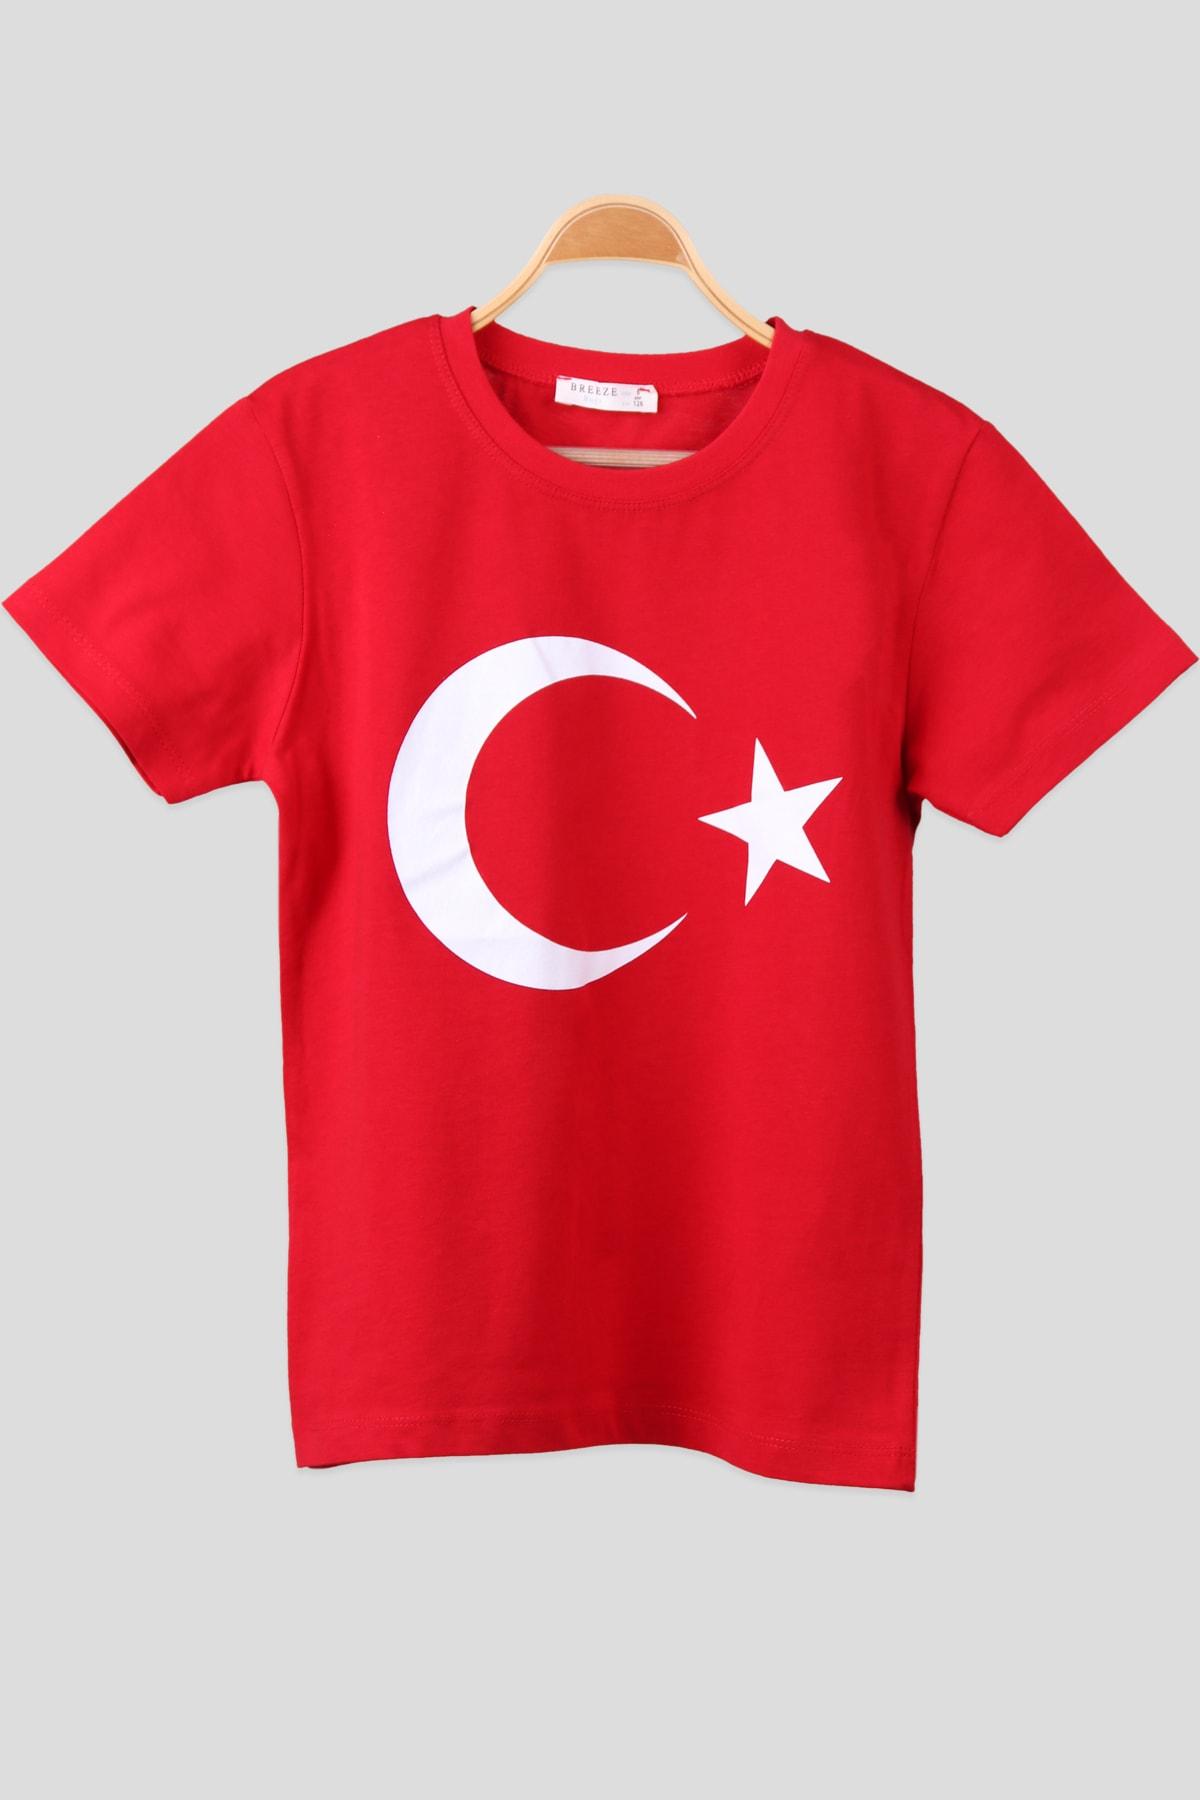 Çocuk Tişört Türk Bayraklı Kırmızı (10-12 Yaş)